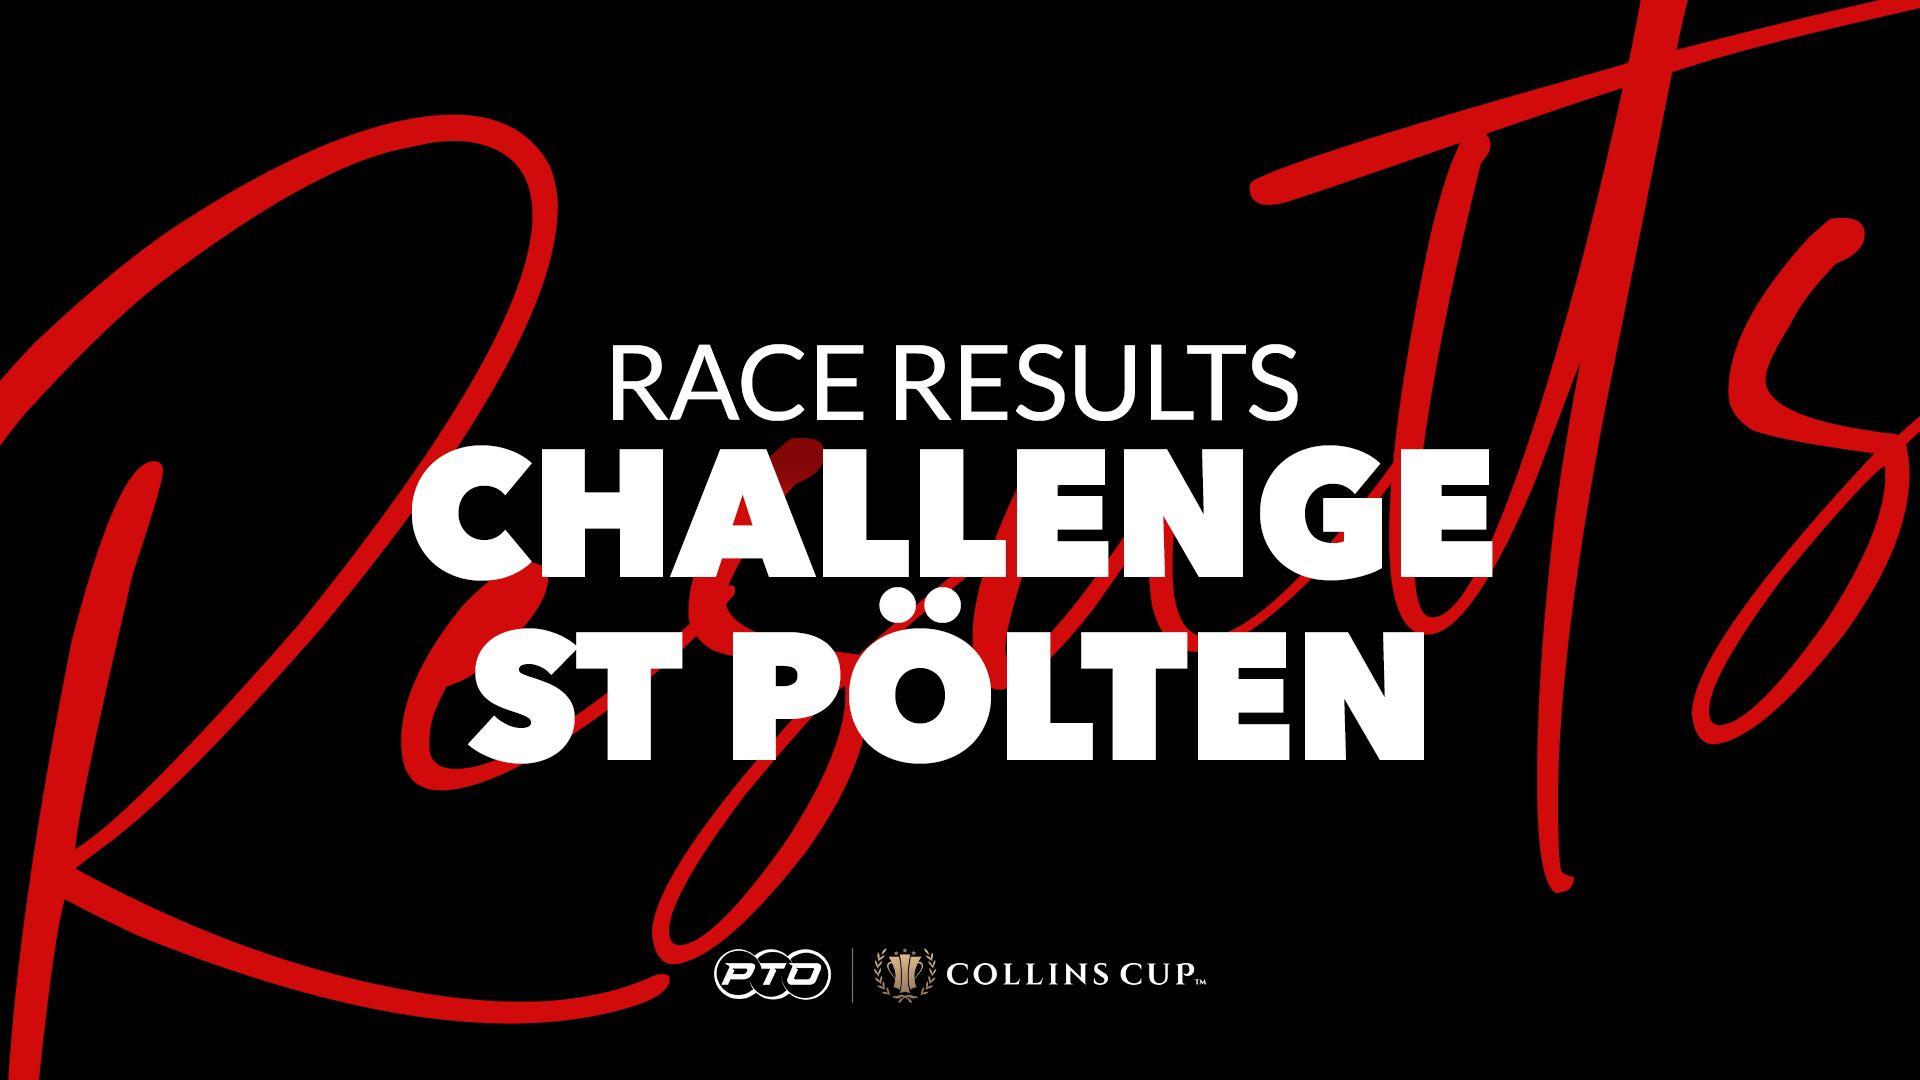 Challenge St. Pölten 2021 Results